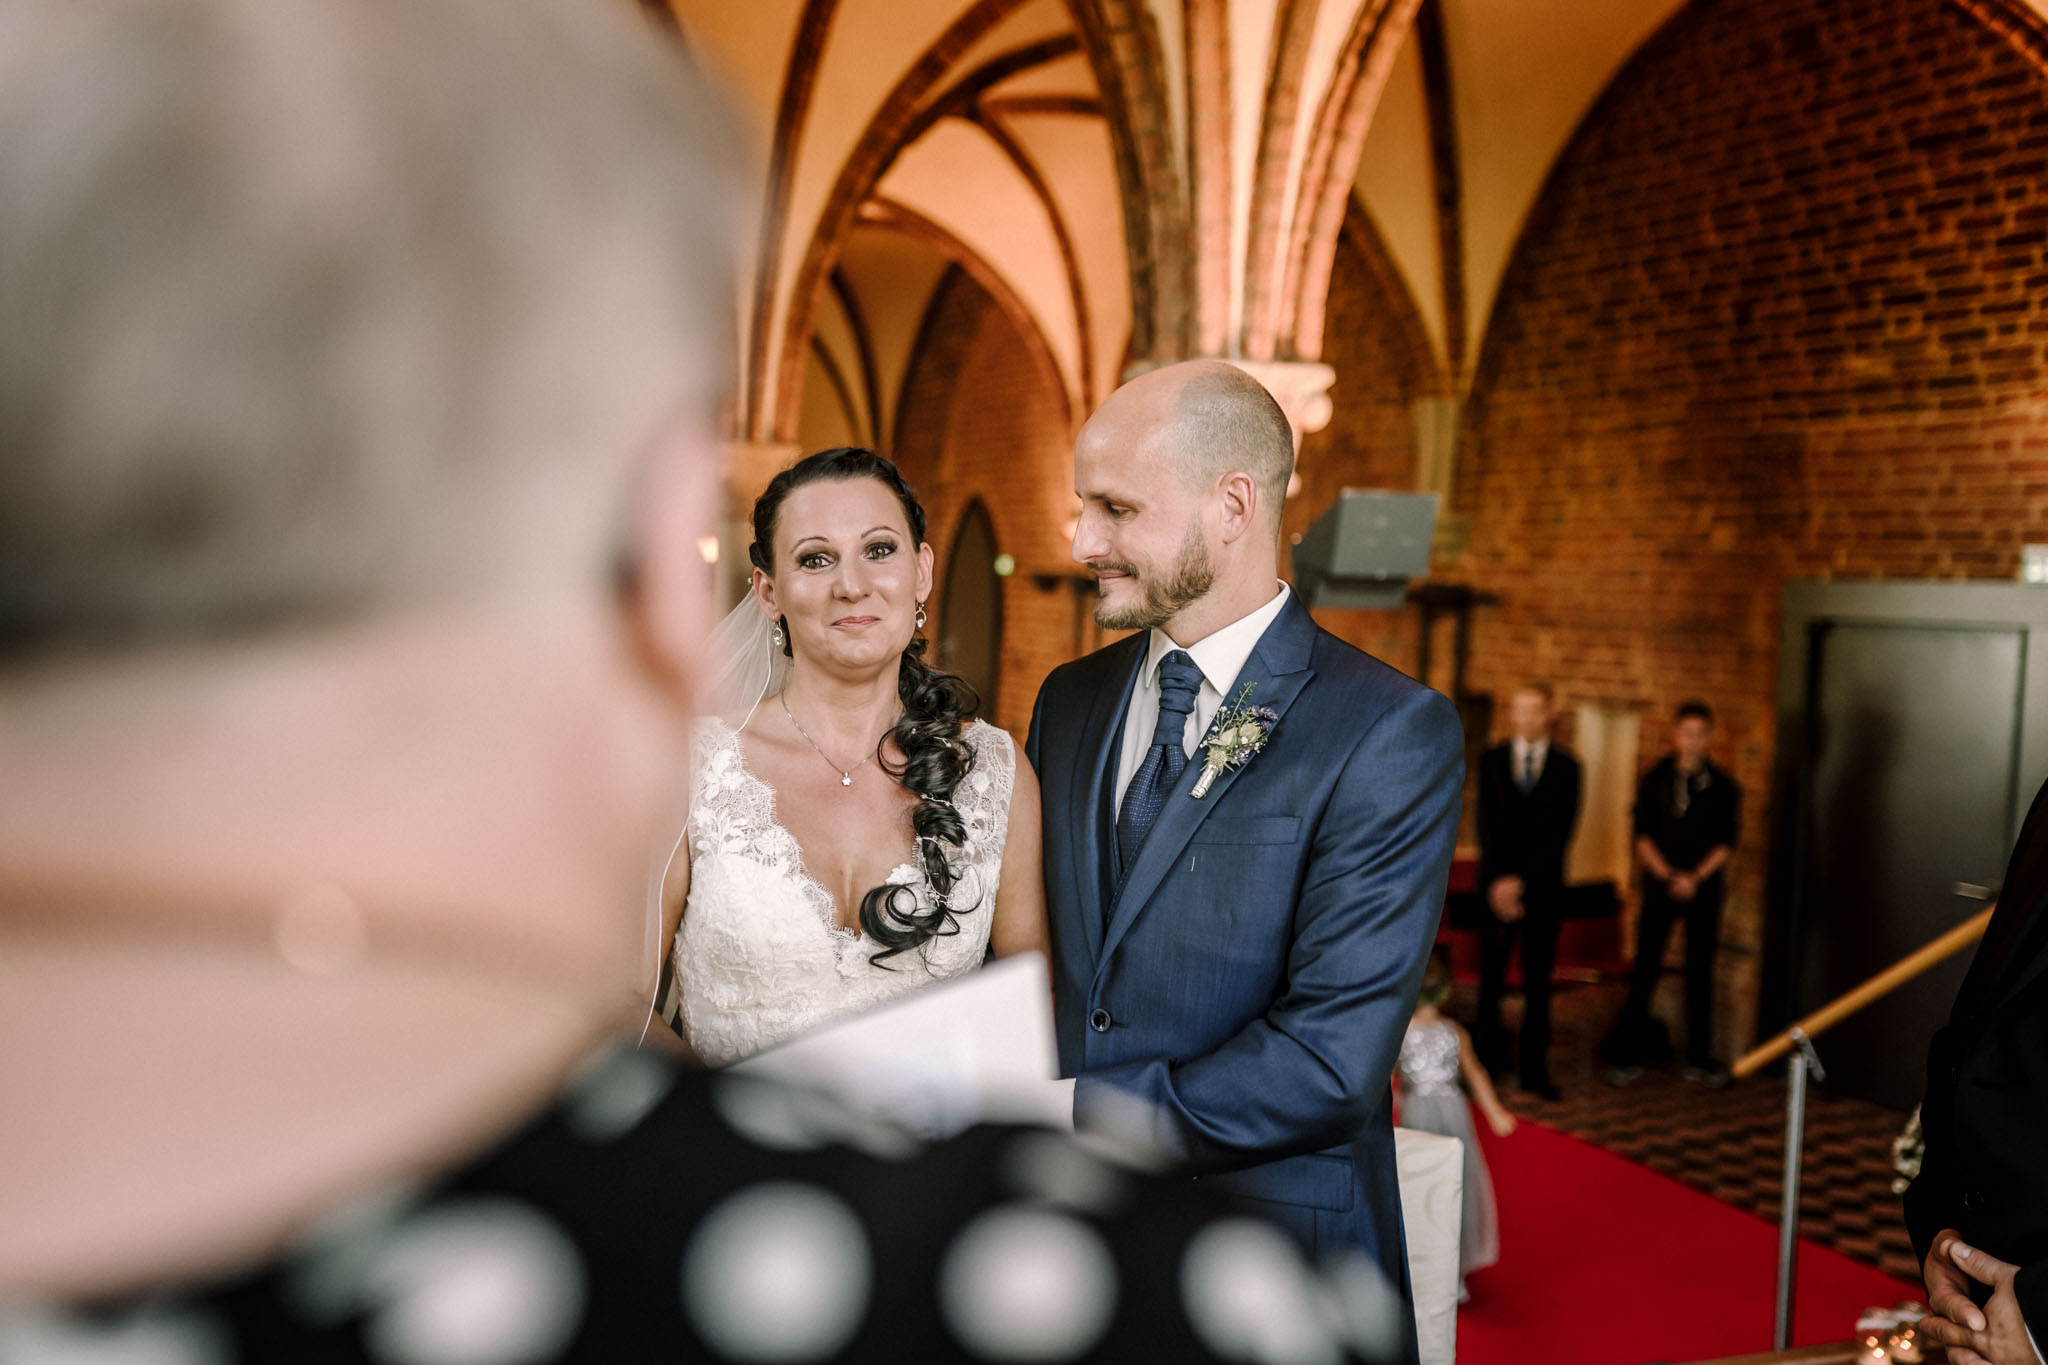 Hochzeitsfieber by Photo-Schomburg, Hochzeitsfotograf, Hamburg,Hochzeitstag, Hochzeitspaar, Braut, Bräutigam, Literaturhauscafe Zarrentin-34